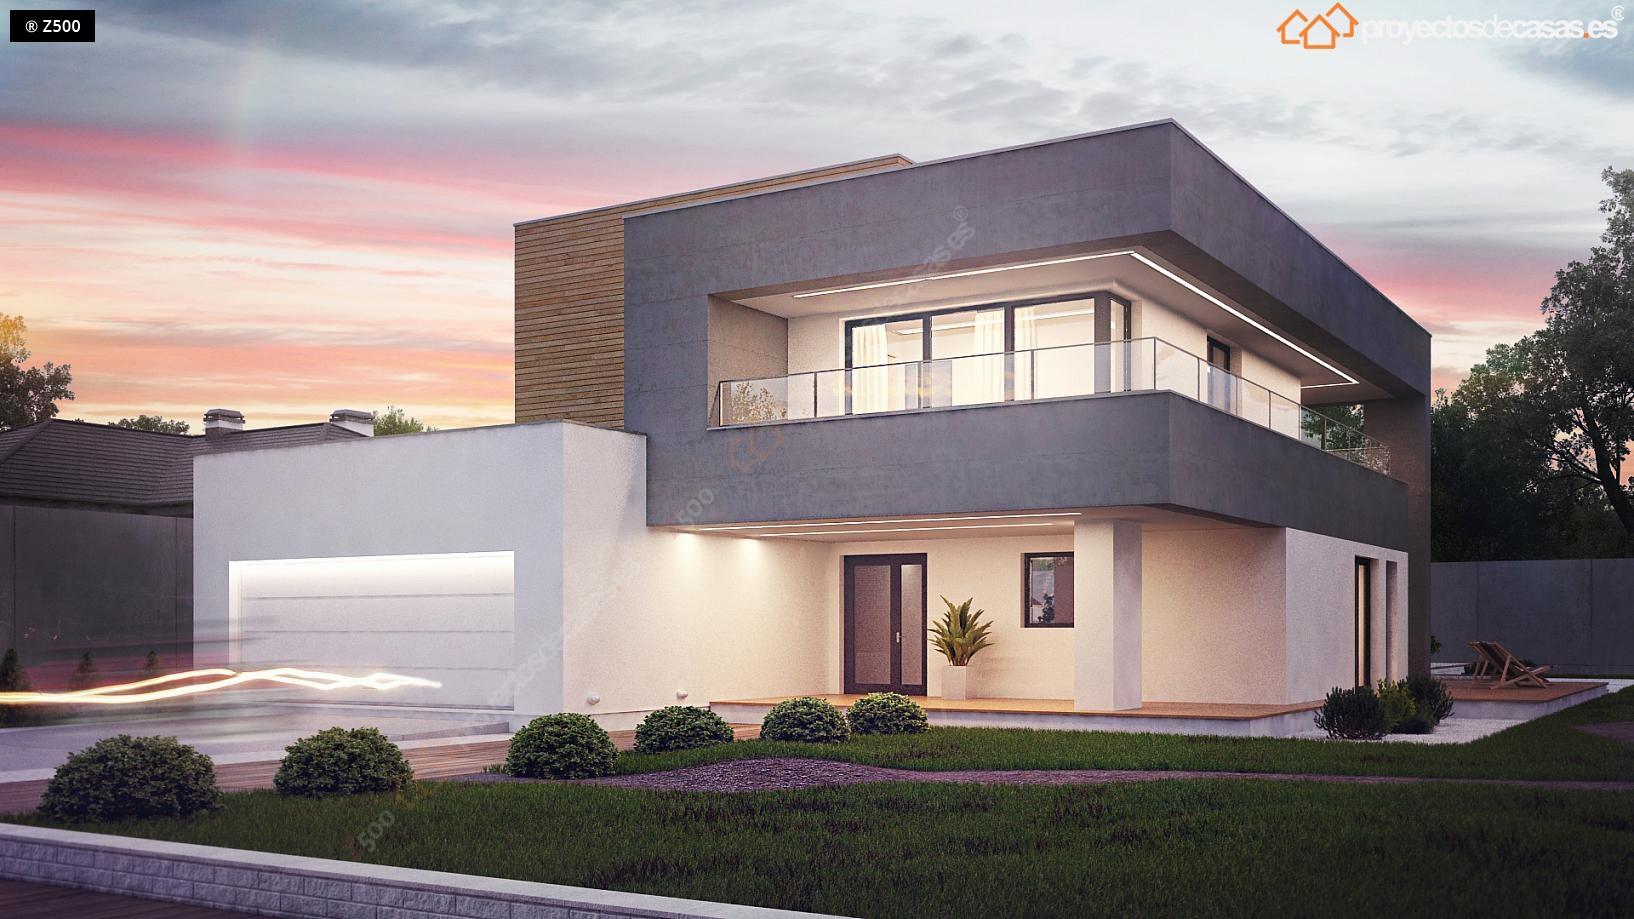 Casas modernas dise o y construcci n casa alicante for Viviendas de campo modernas